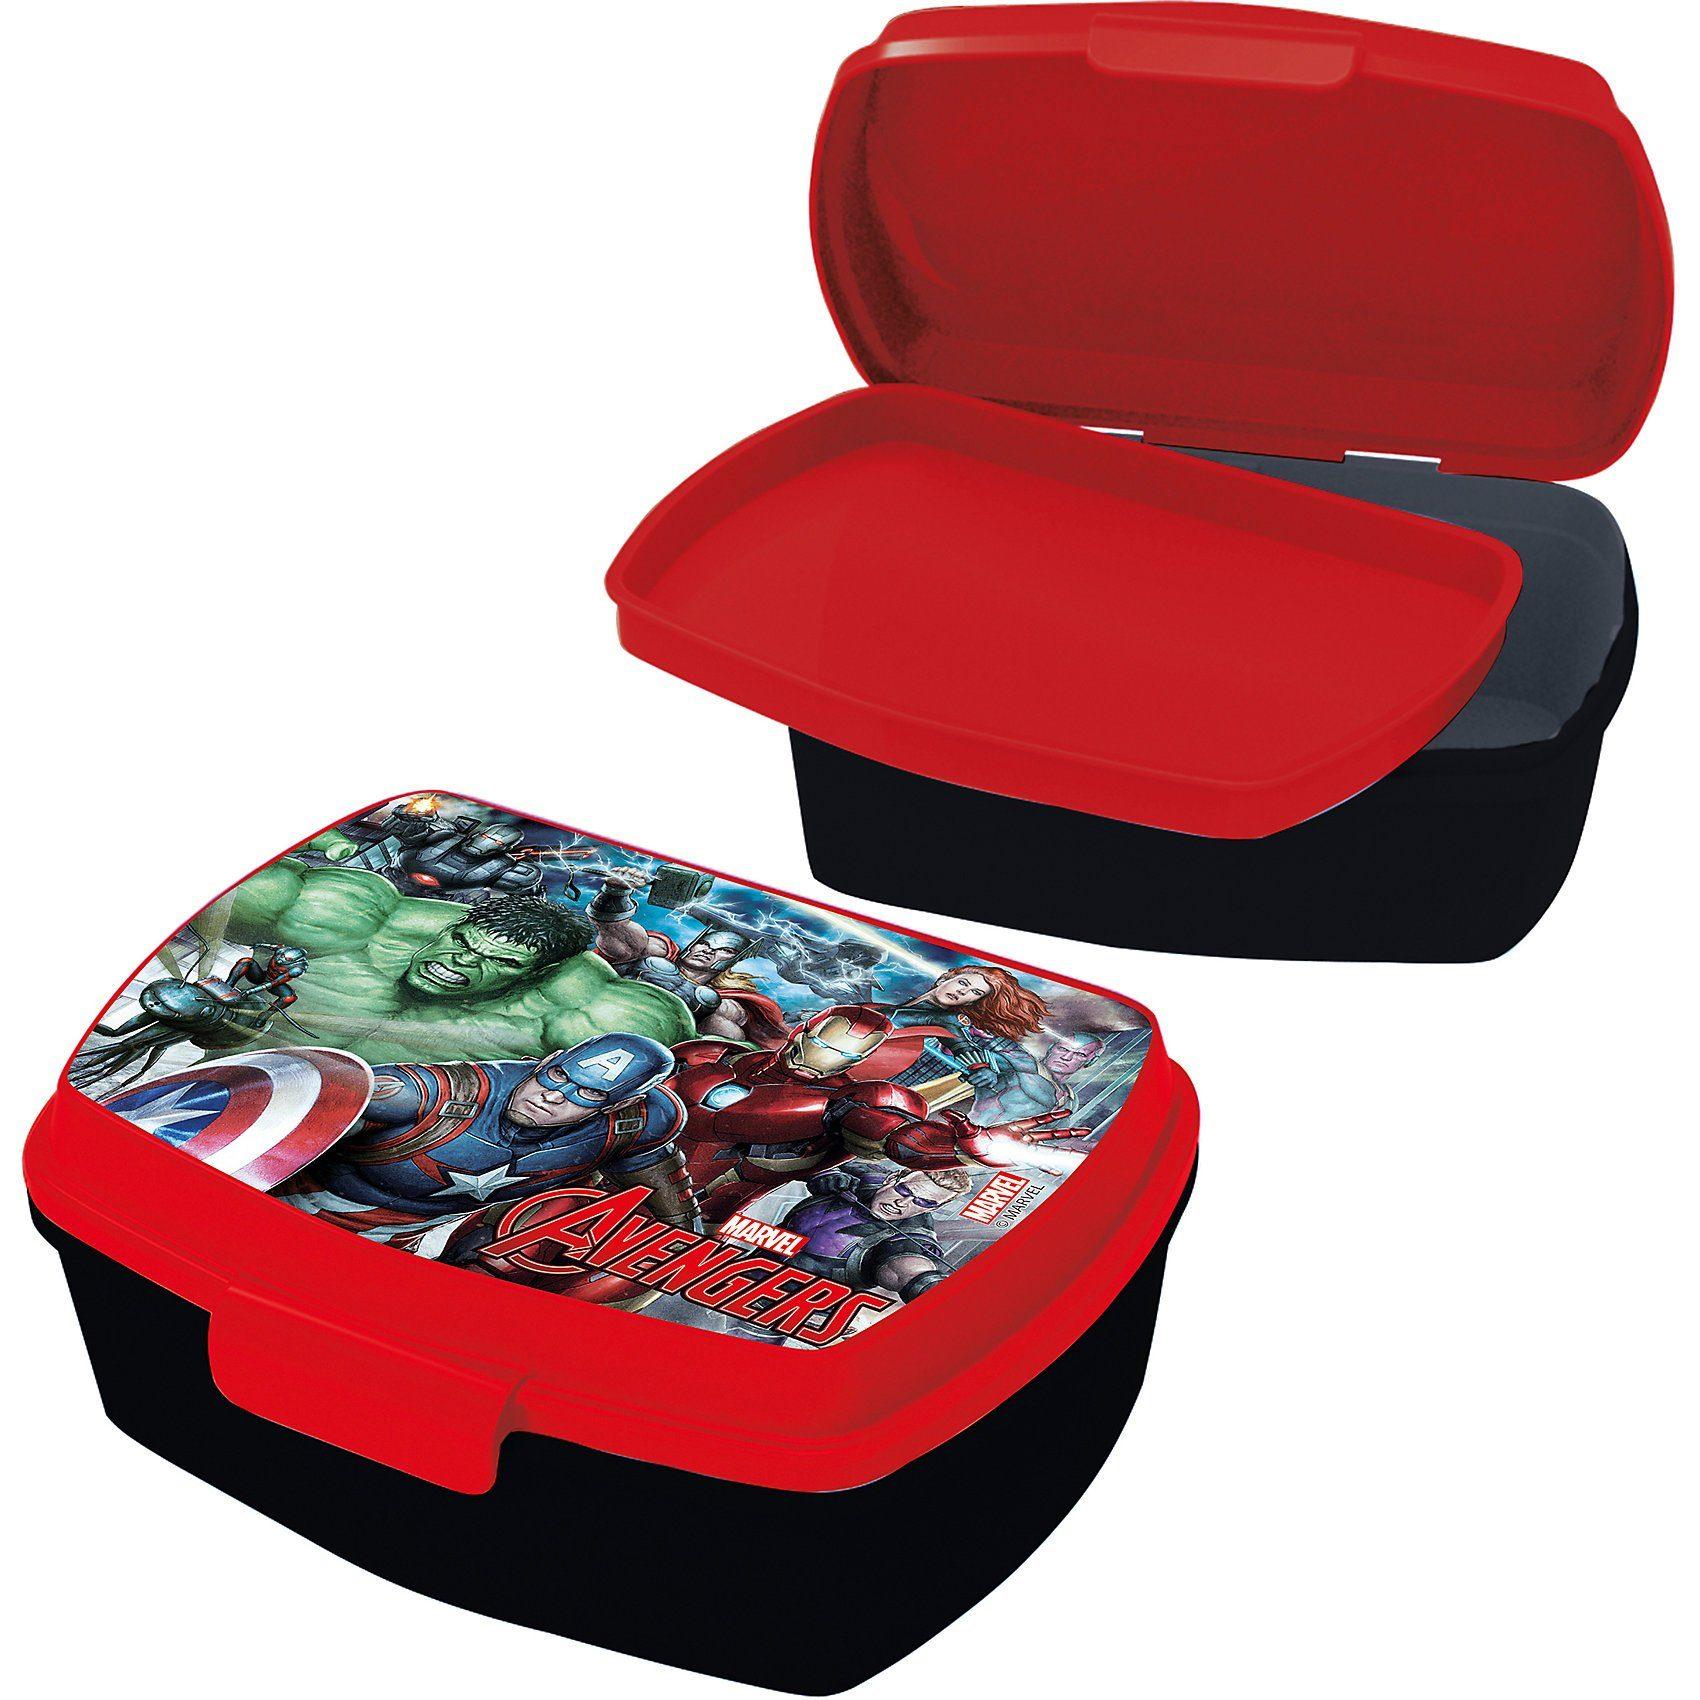 p:os Brotdose mit Einsatz Avengers